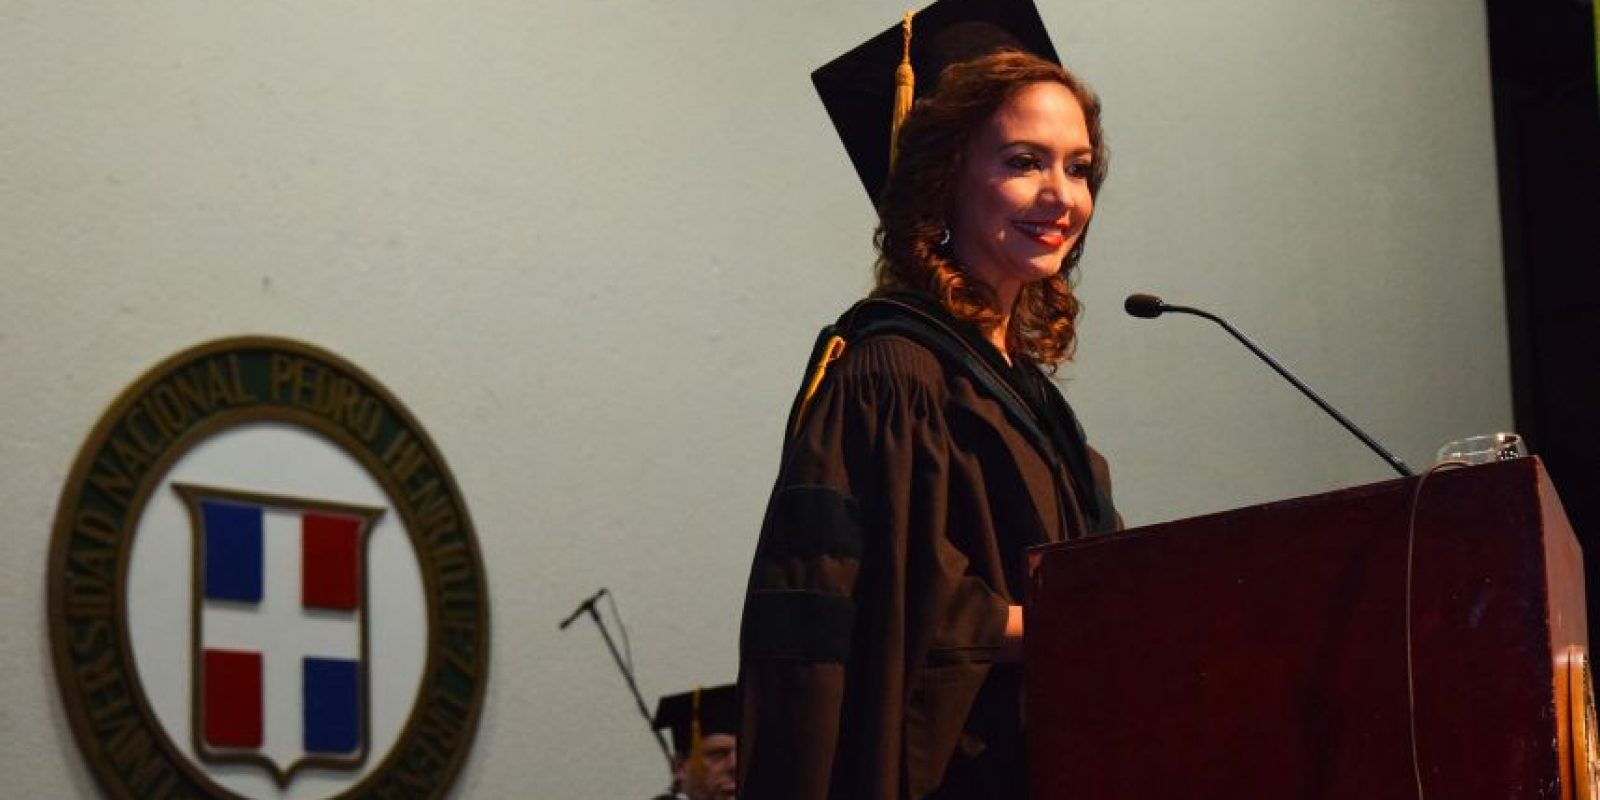 Ligia Peralta, Oradora invitada y egresada de medicina. Foto:Fuente Externa